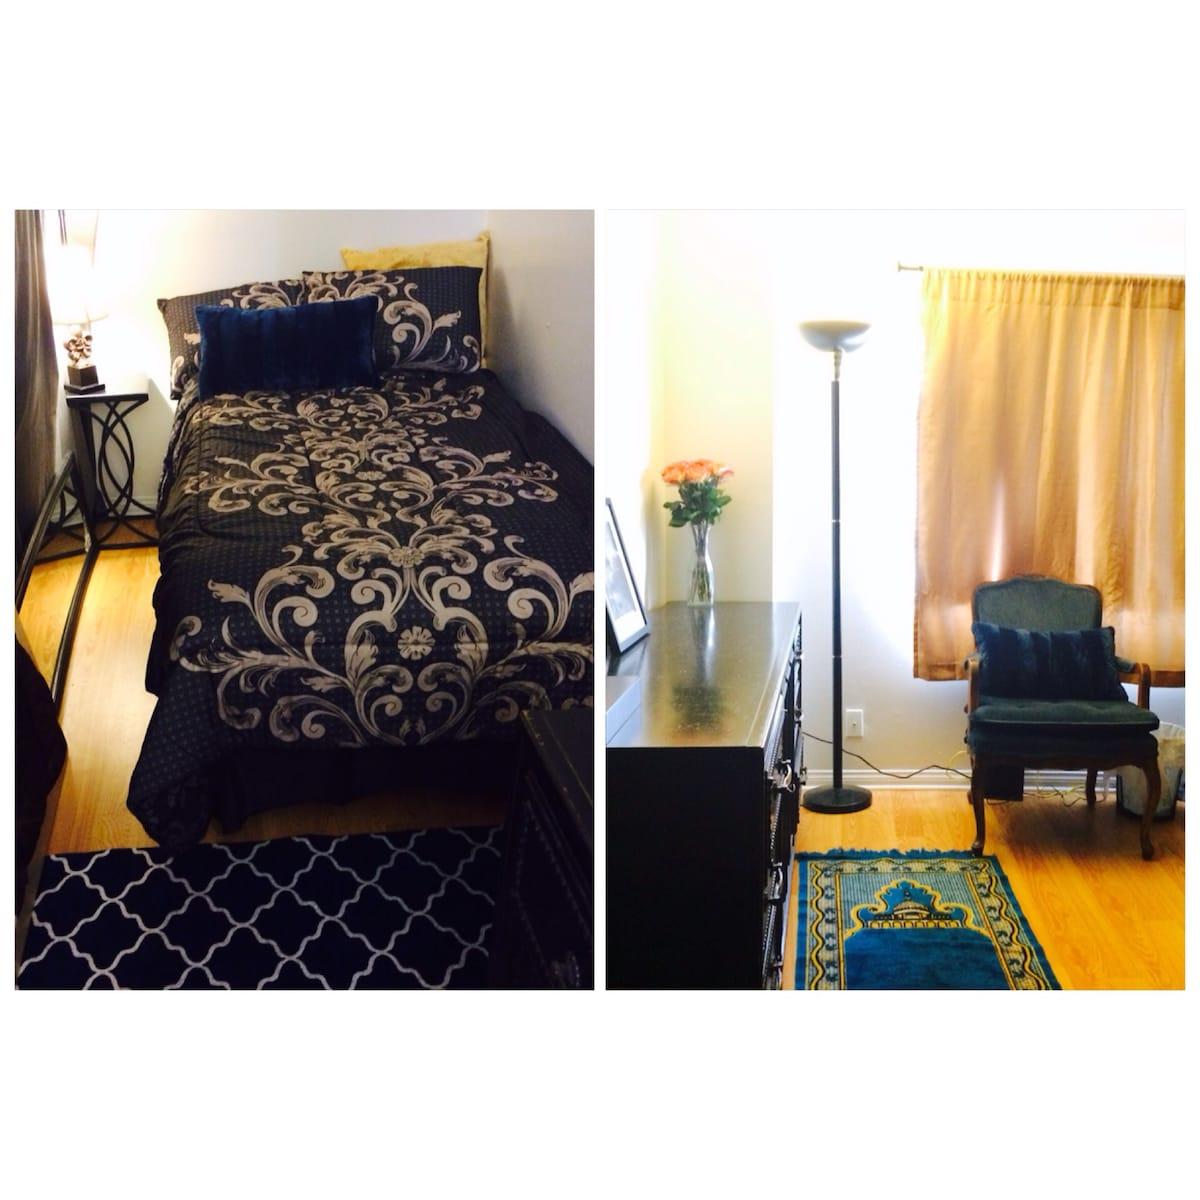 New elegant, comfy room